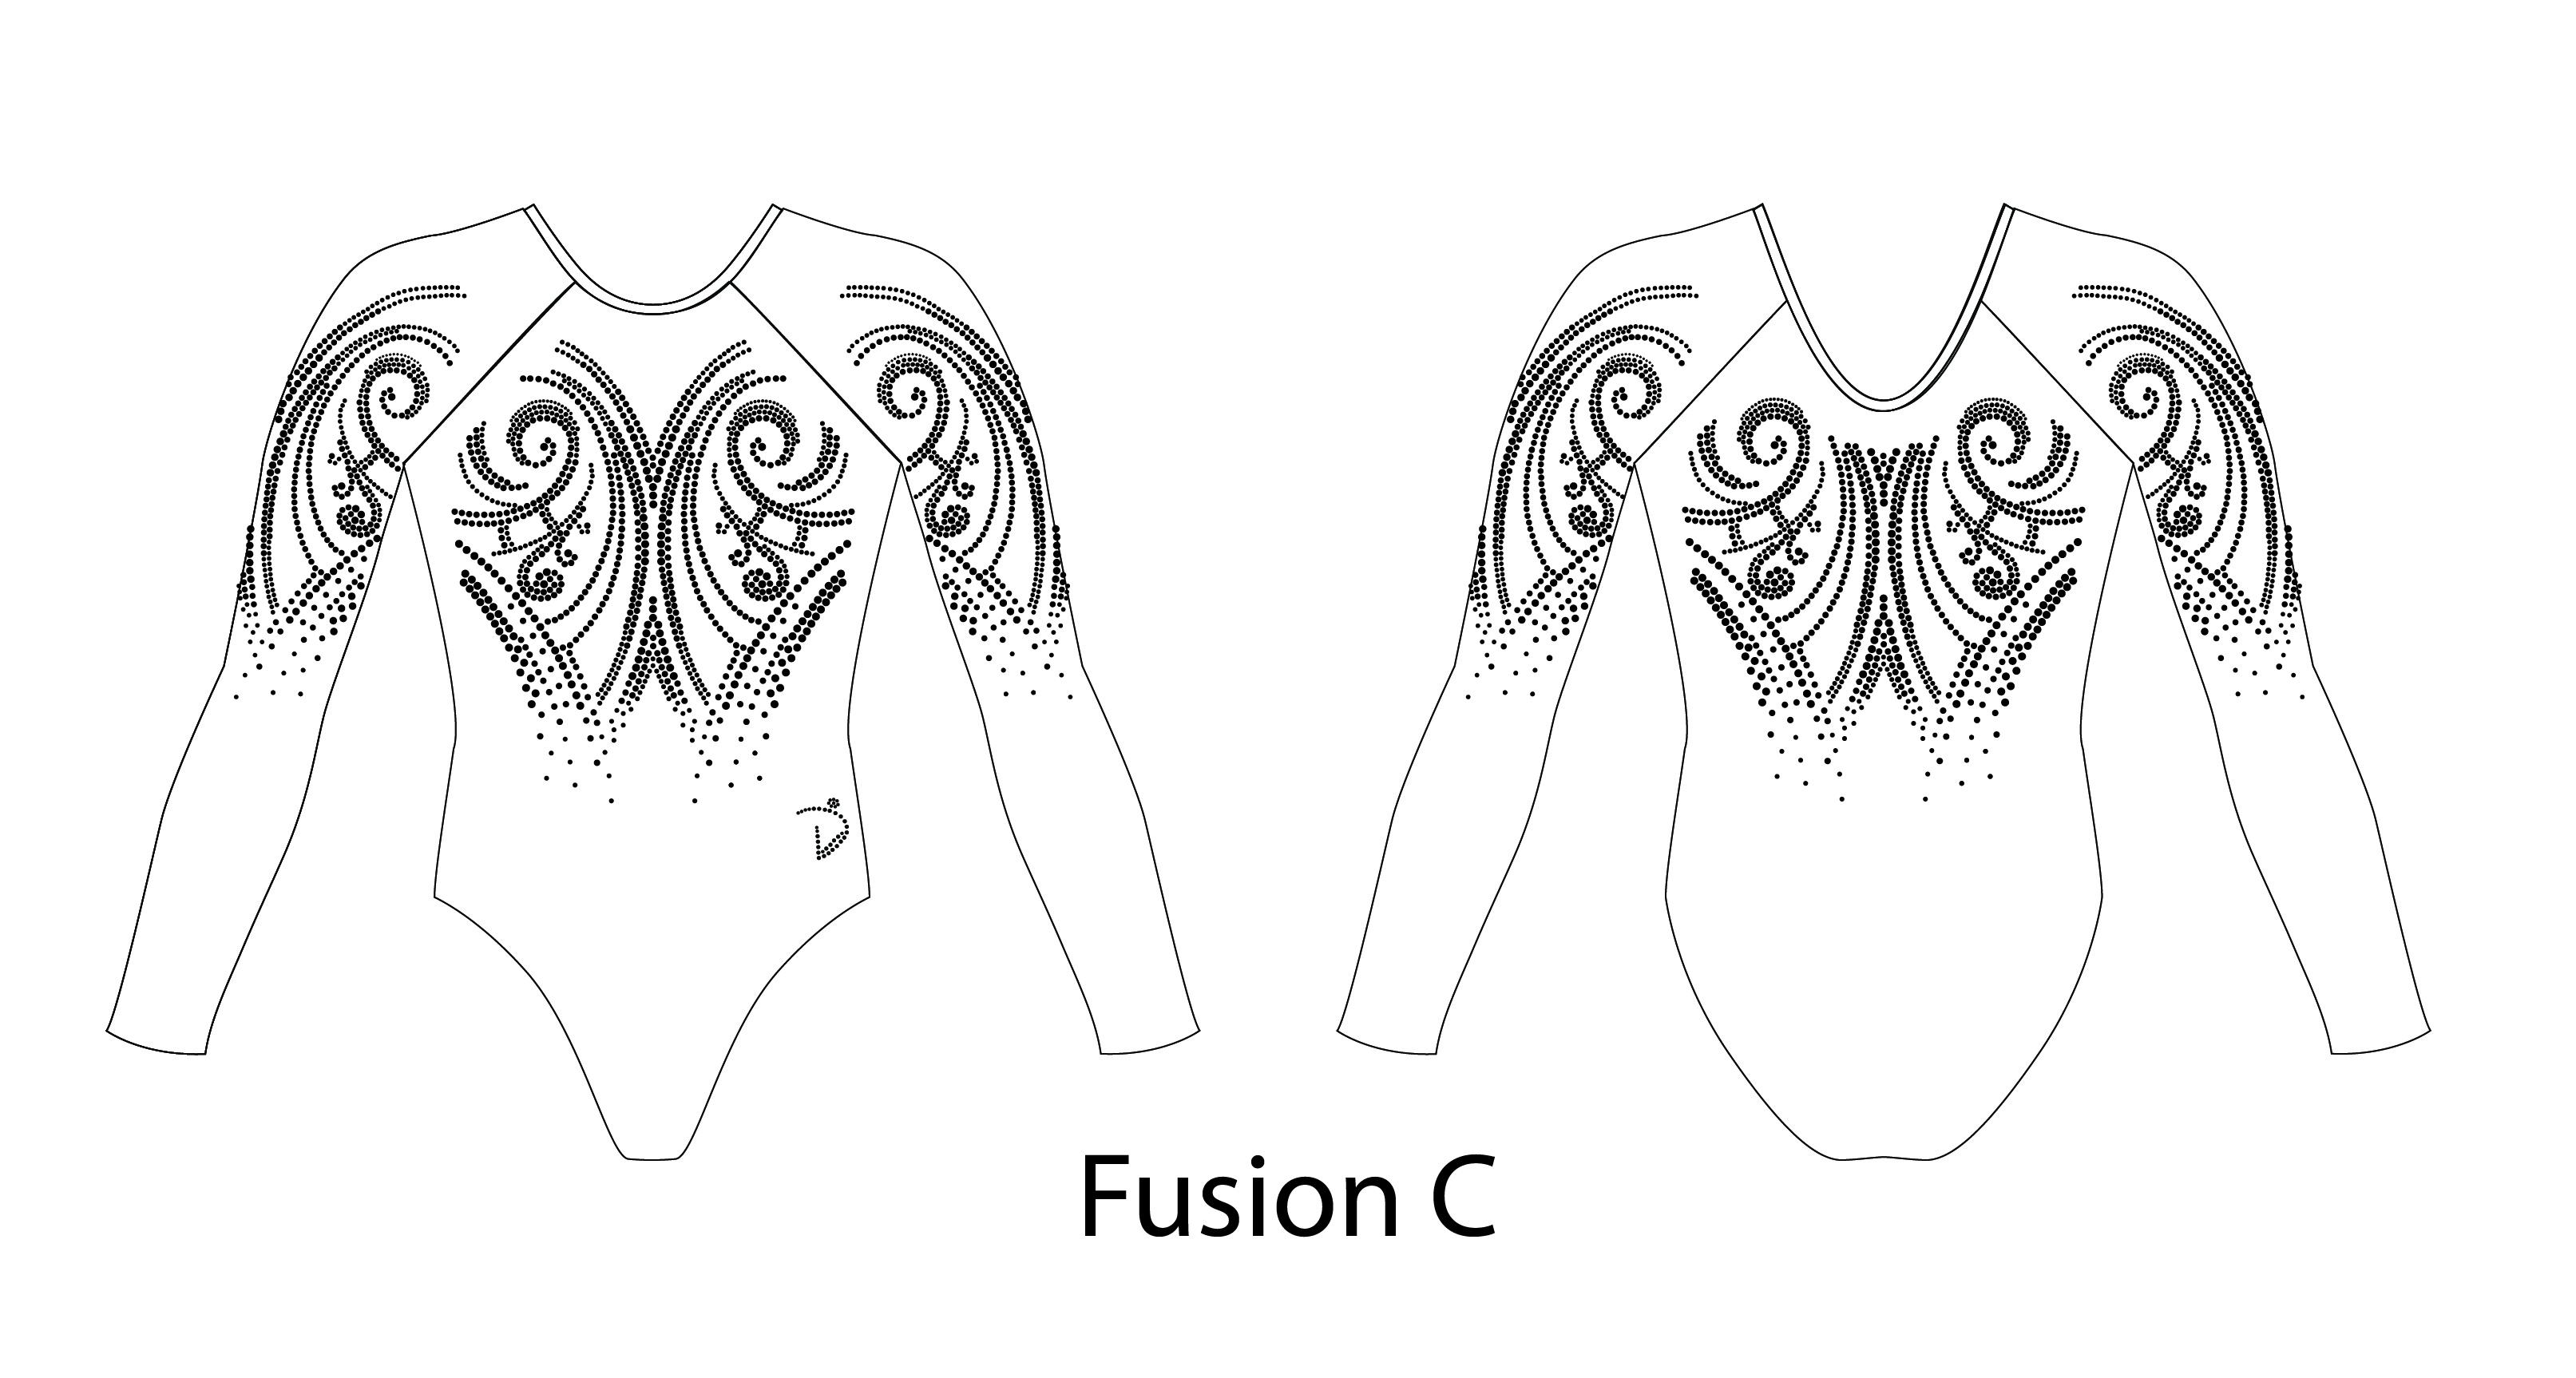 Fusion C